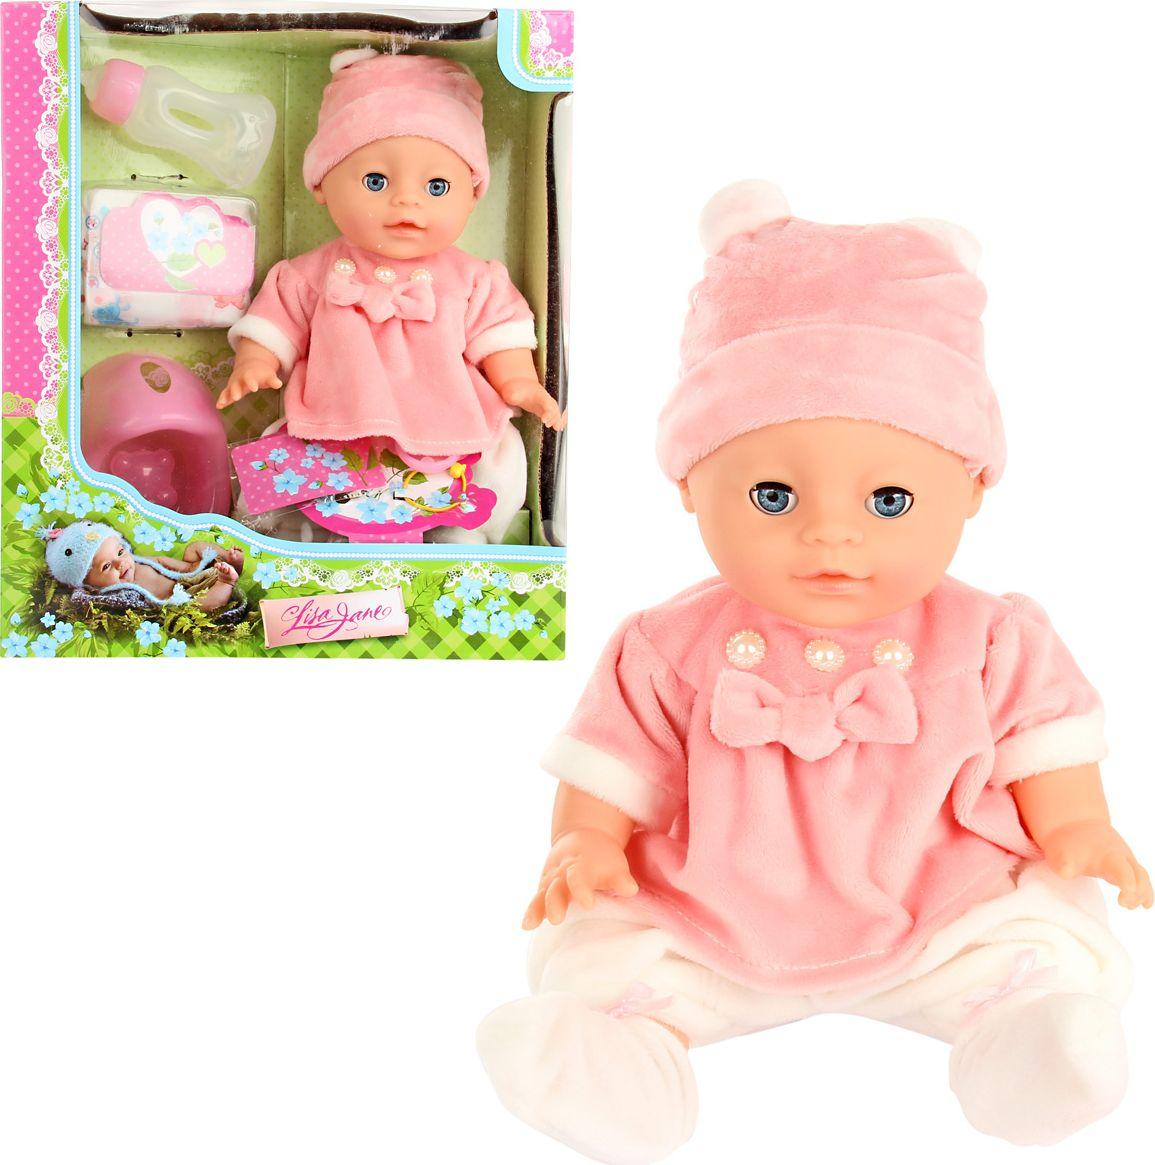 Lisa Jane Пупс цвет платья розовый куклы и одежда для кукол lisa jane кукла ем мороженое